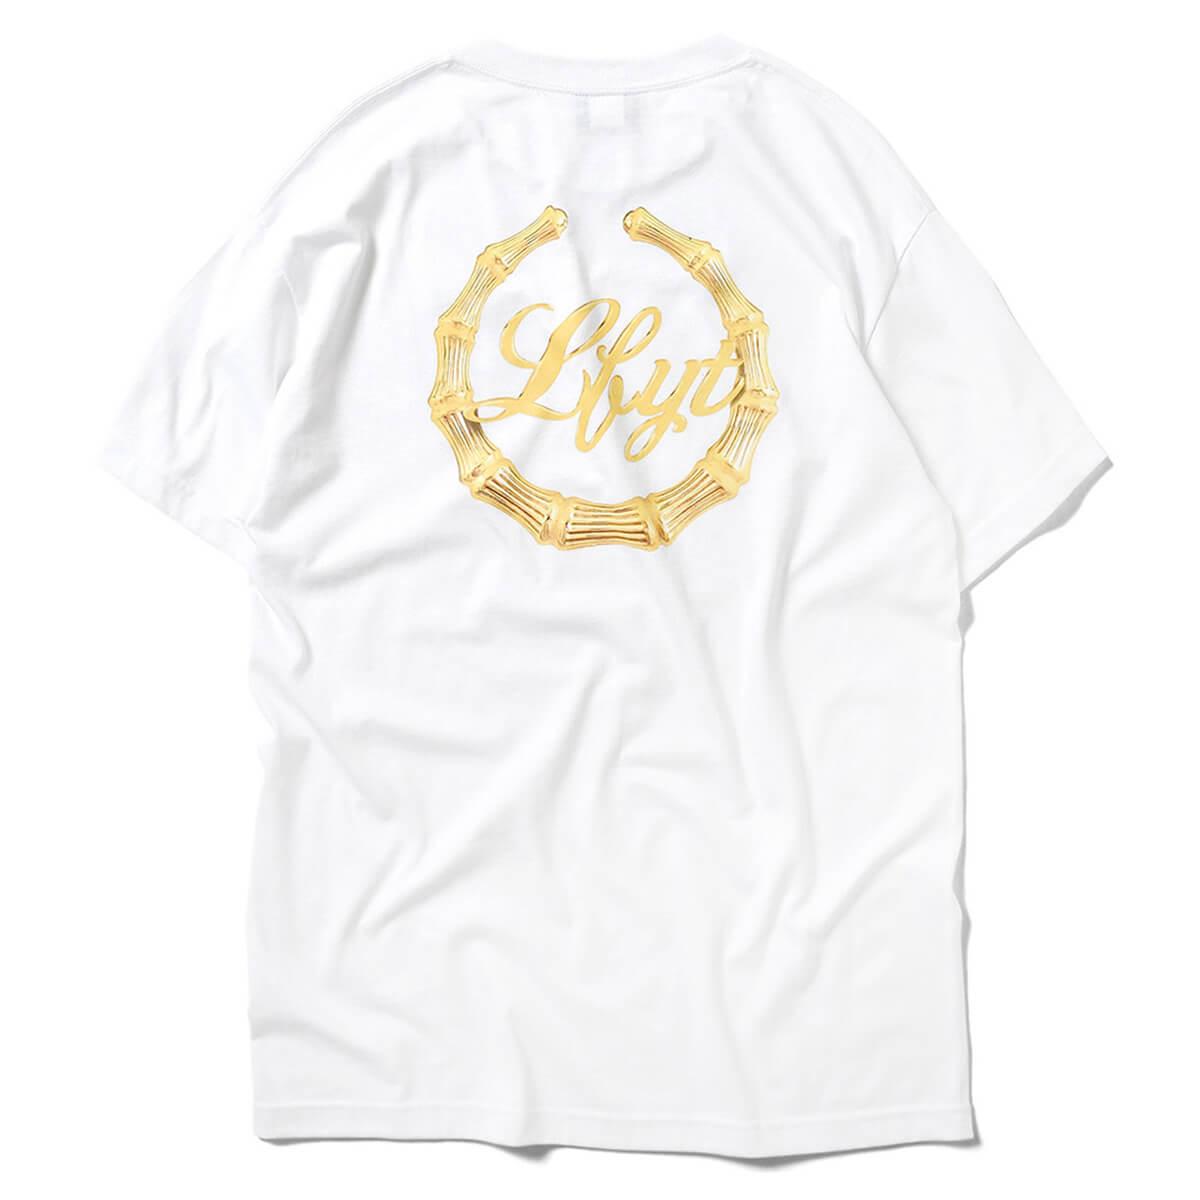 一万円以上で送料無料 正規品 ブランド 通販 あす楽 LFYT エルエフワイティー BAMBOO ホワイト WHITE 販売 ランキング総合1位 LA210107 TEE EARRINGS 半袖 Tシャツ